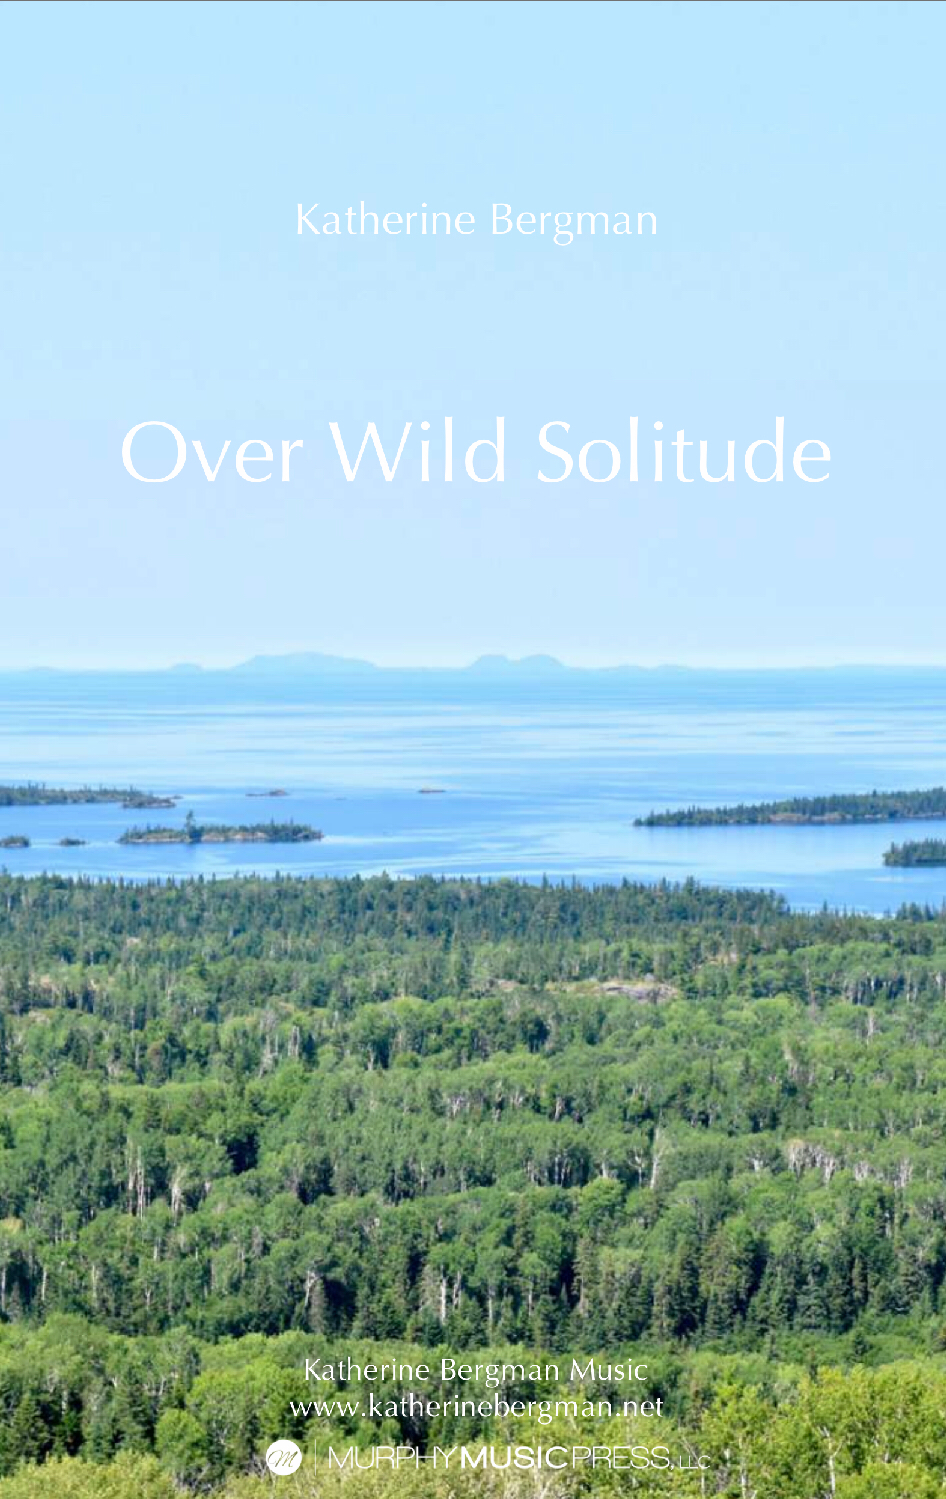 Over Wild Solitude by Katherine Bergman